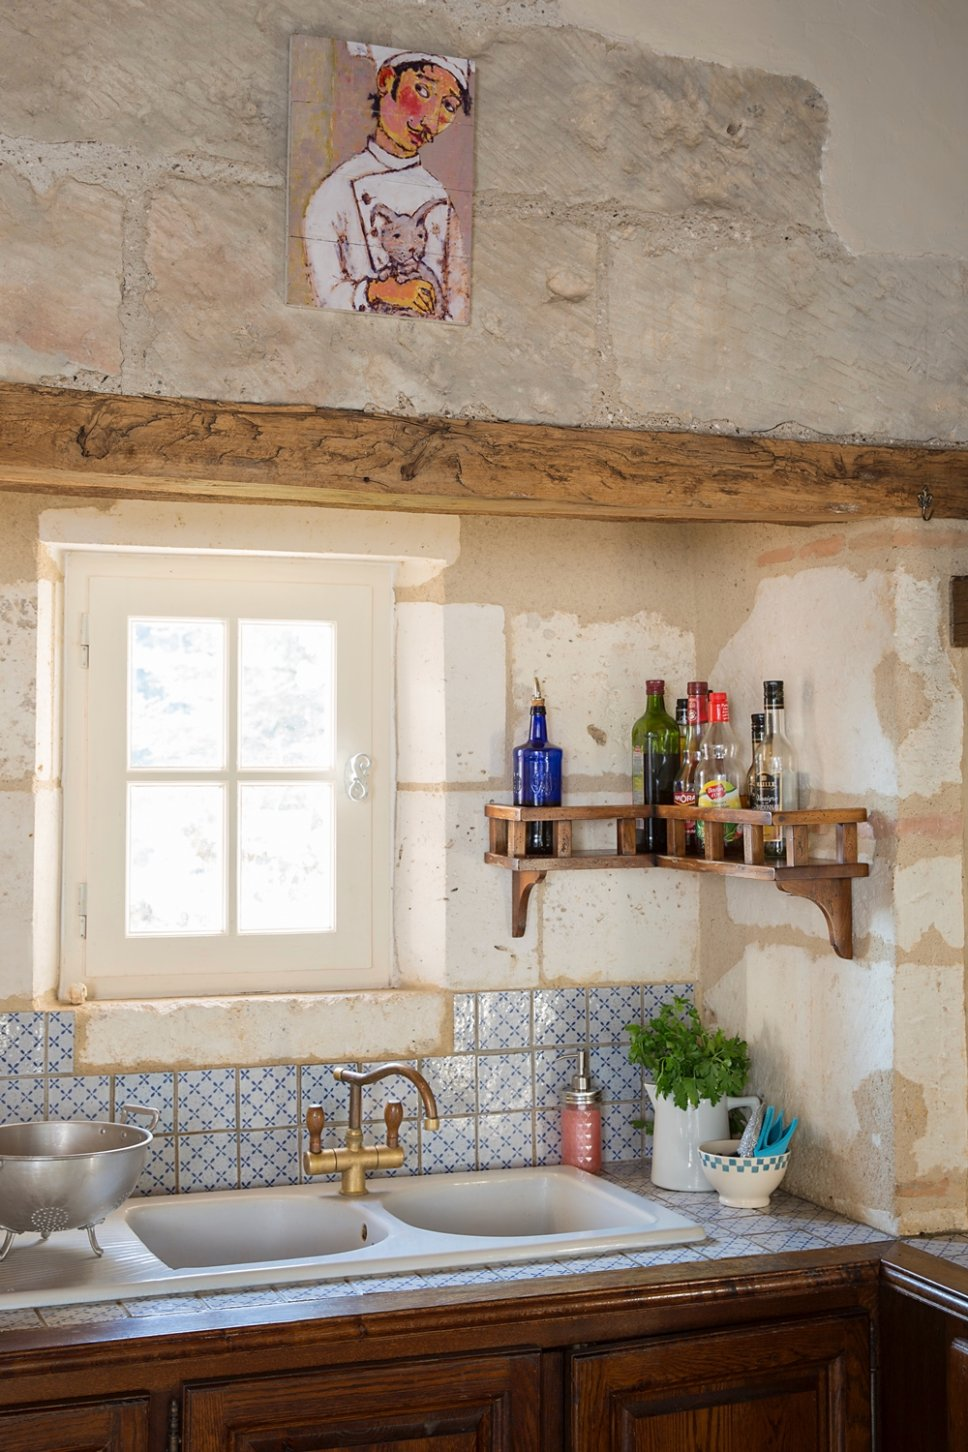 Nostalgisch eingerichtete Küche in altem französischen Landhaus